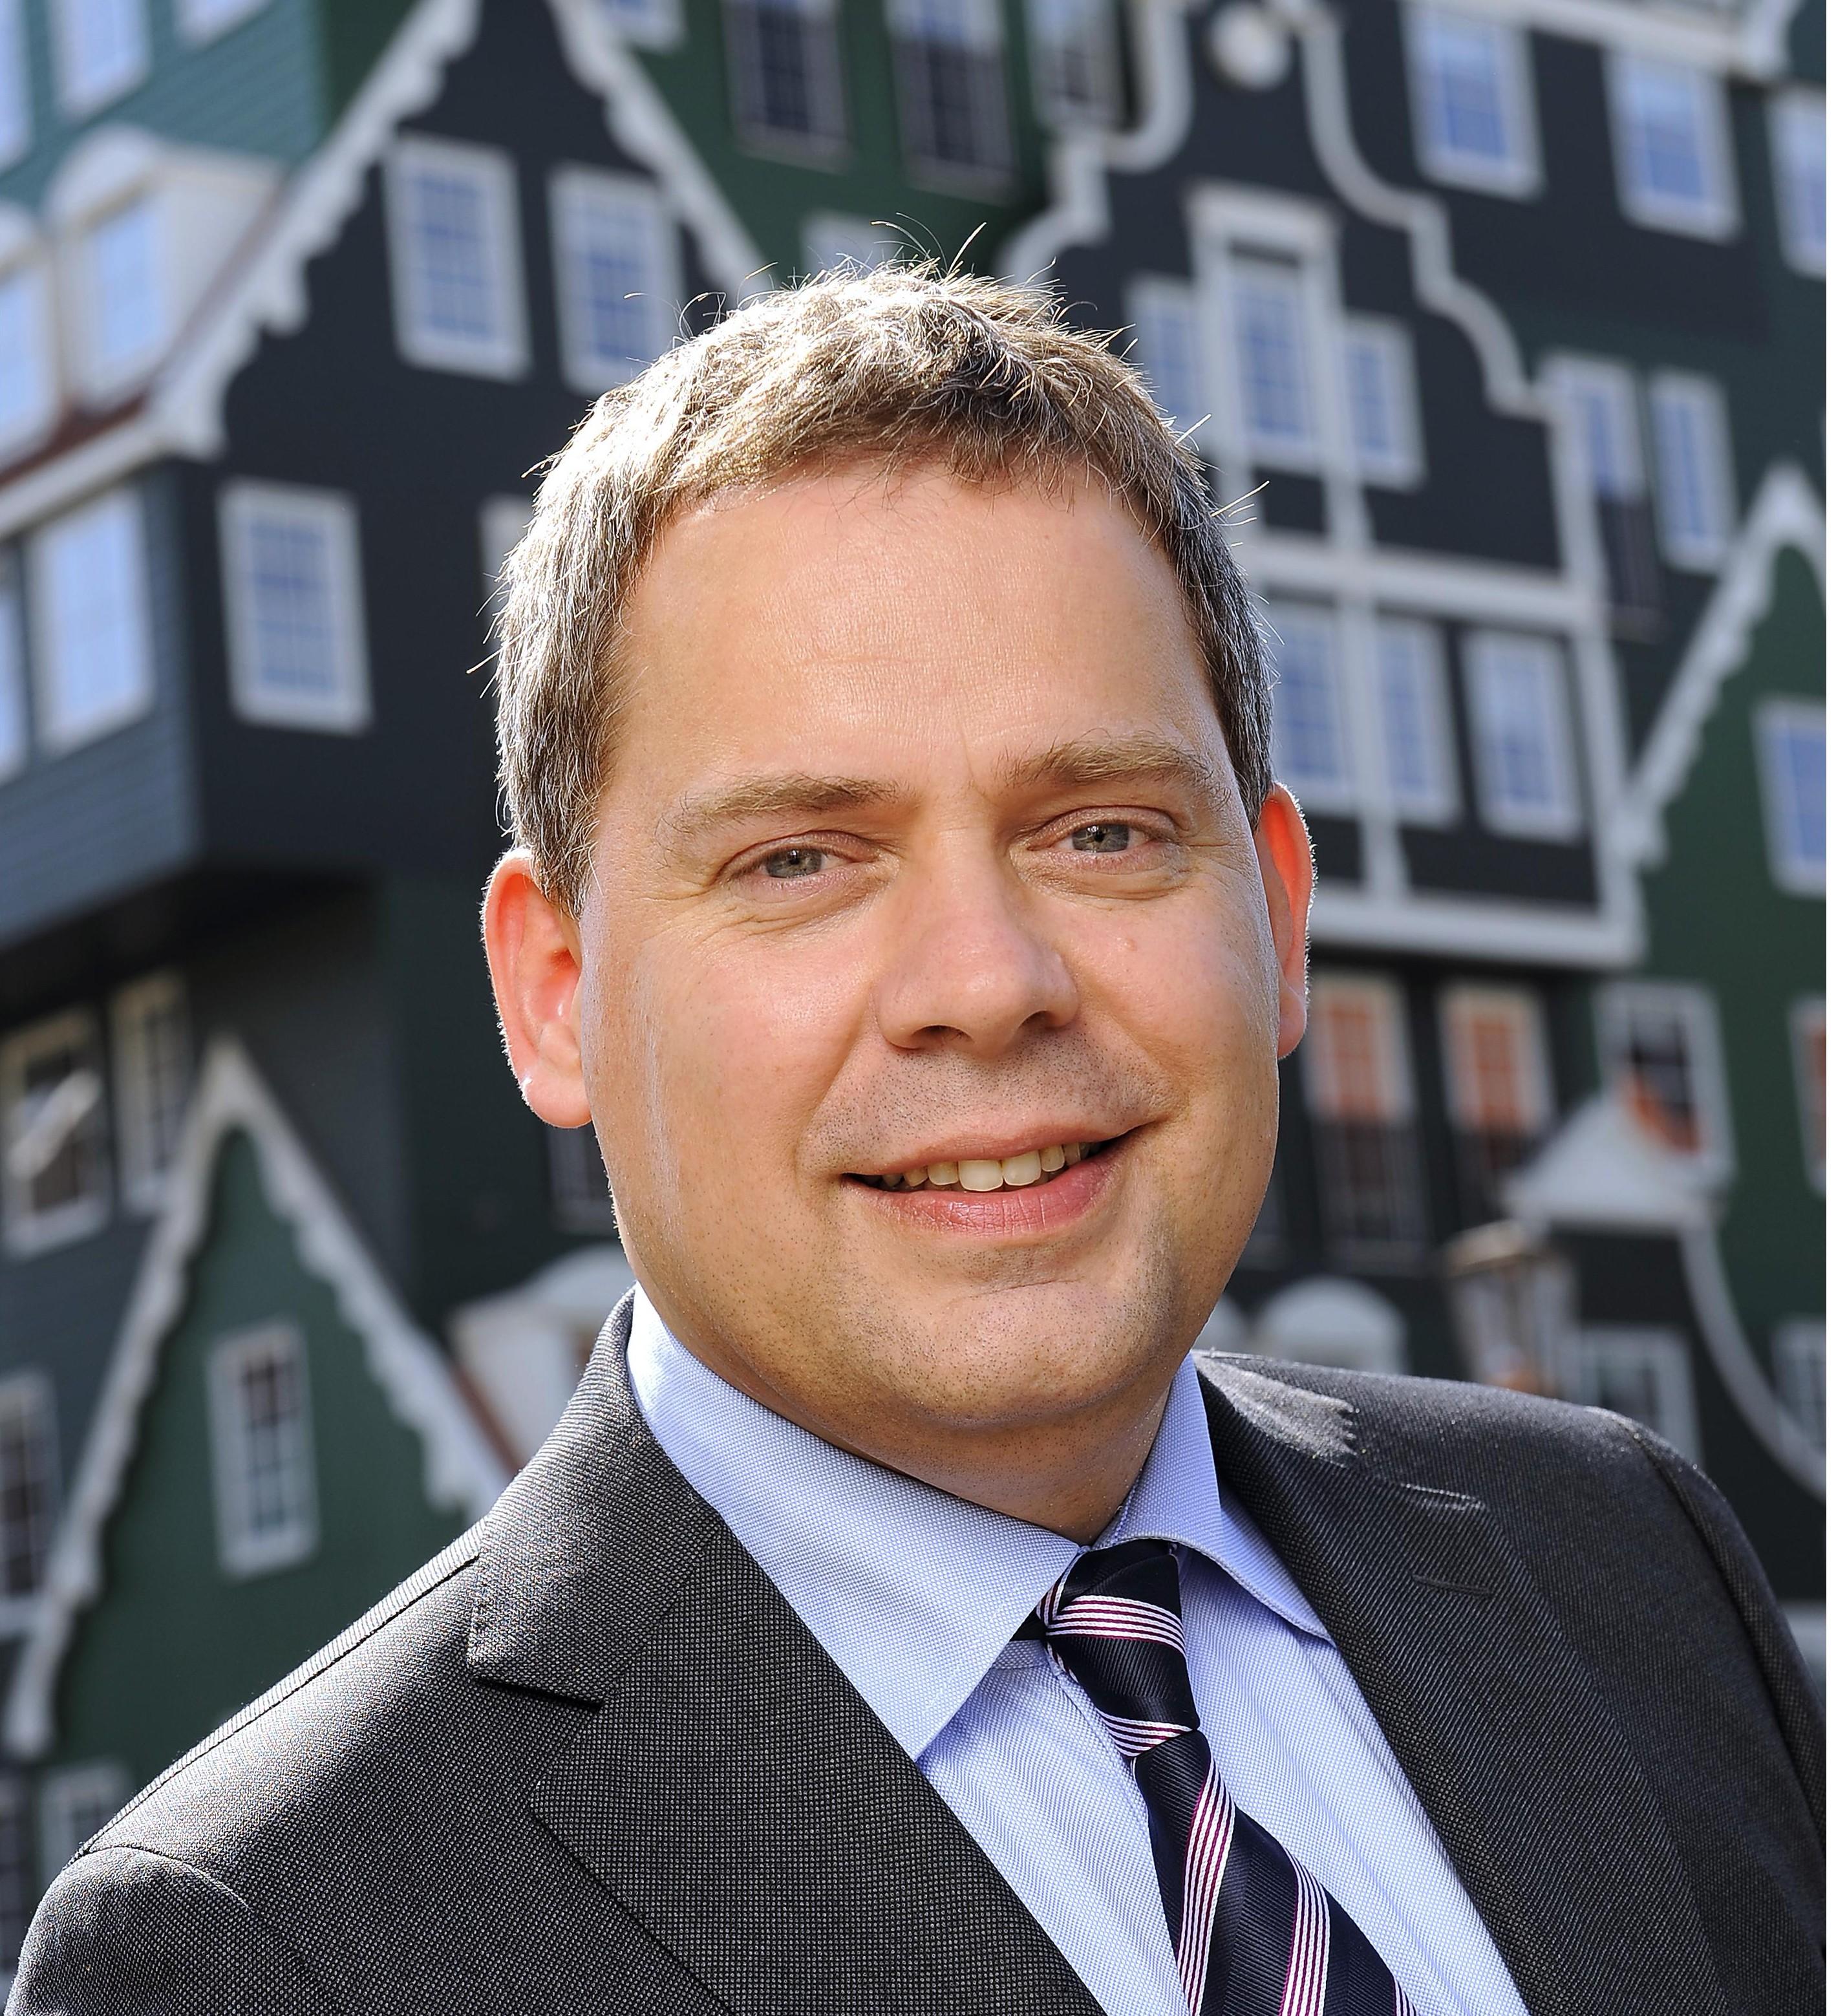 Wethouder-Dennis-Straat-van-gemeente-Zaanstad-steunt-Saenz